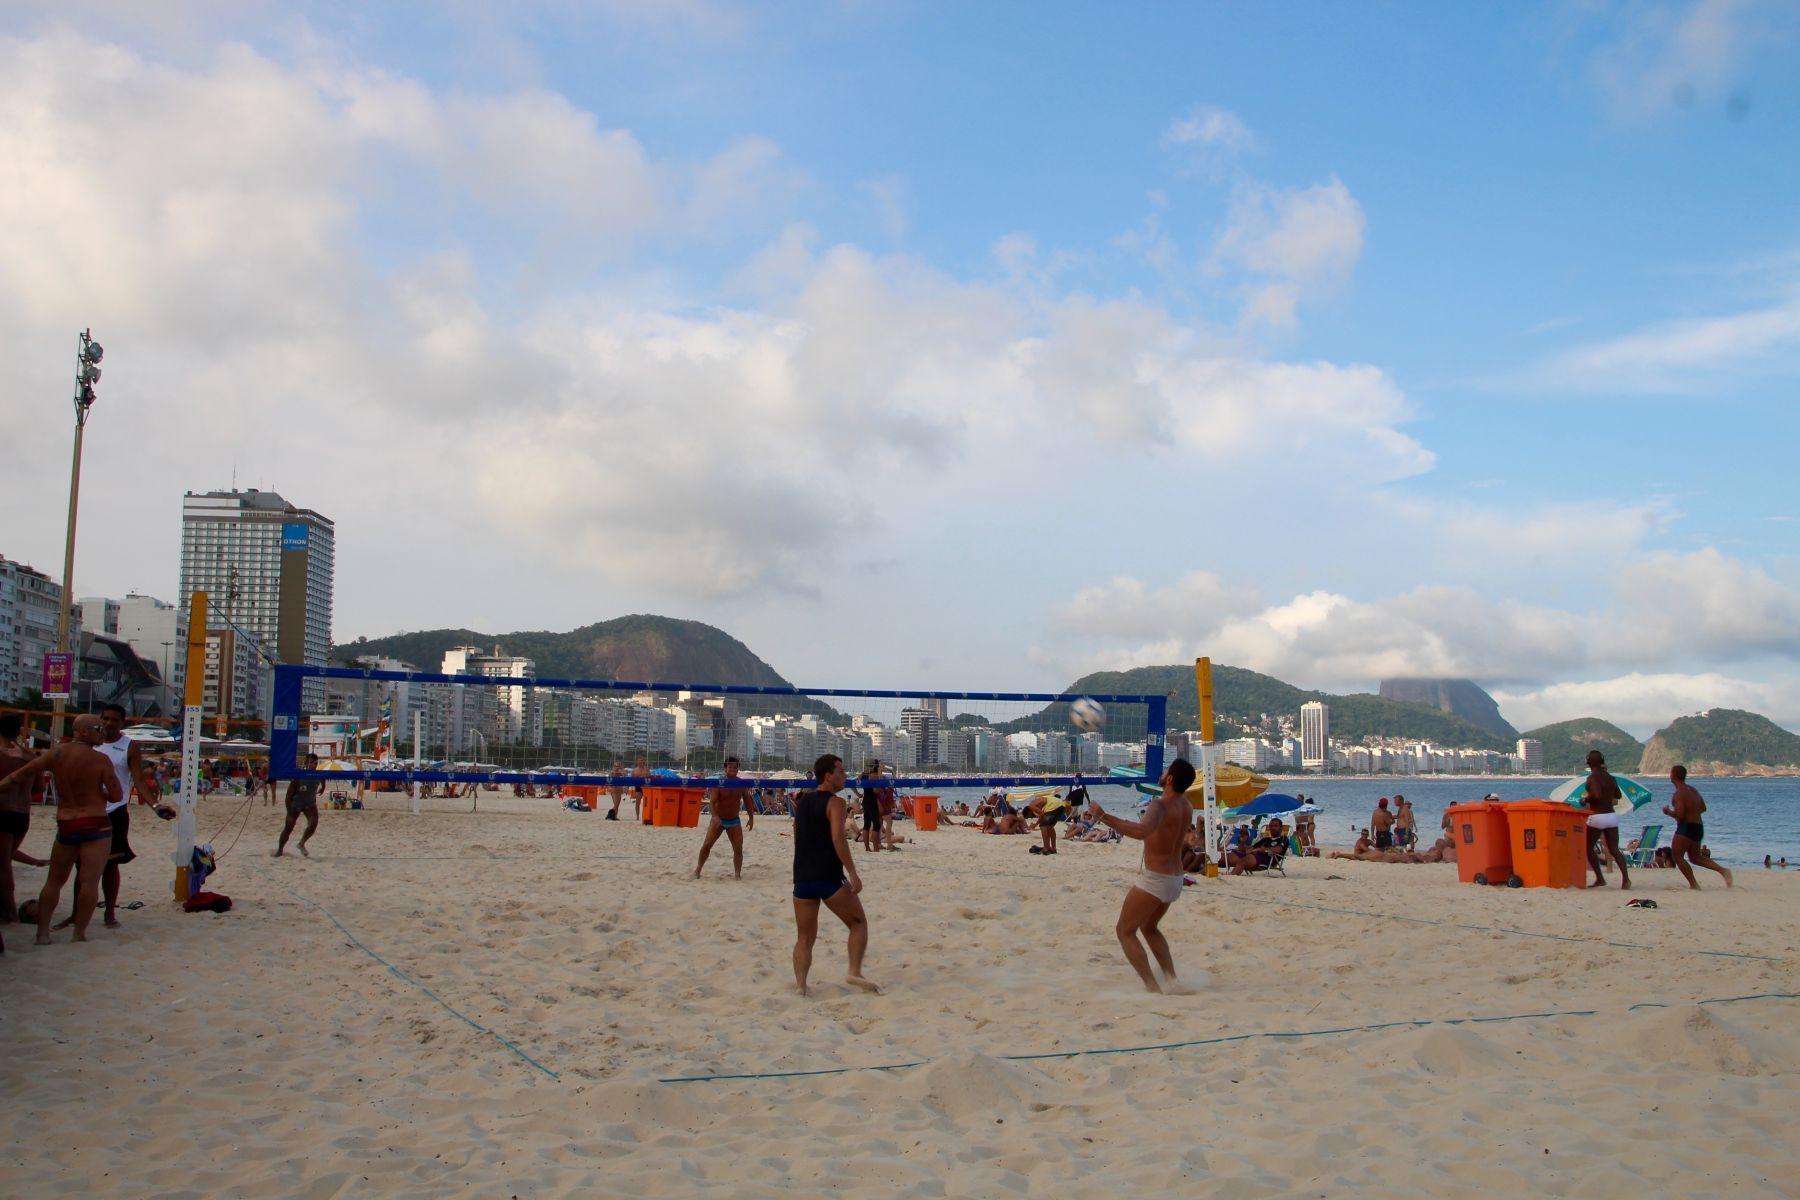 Cariocas (Rio de Janeiro natives) play footvolley in Copacabana.